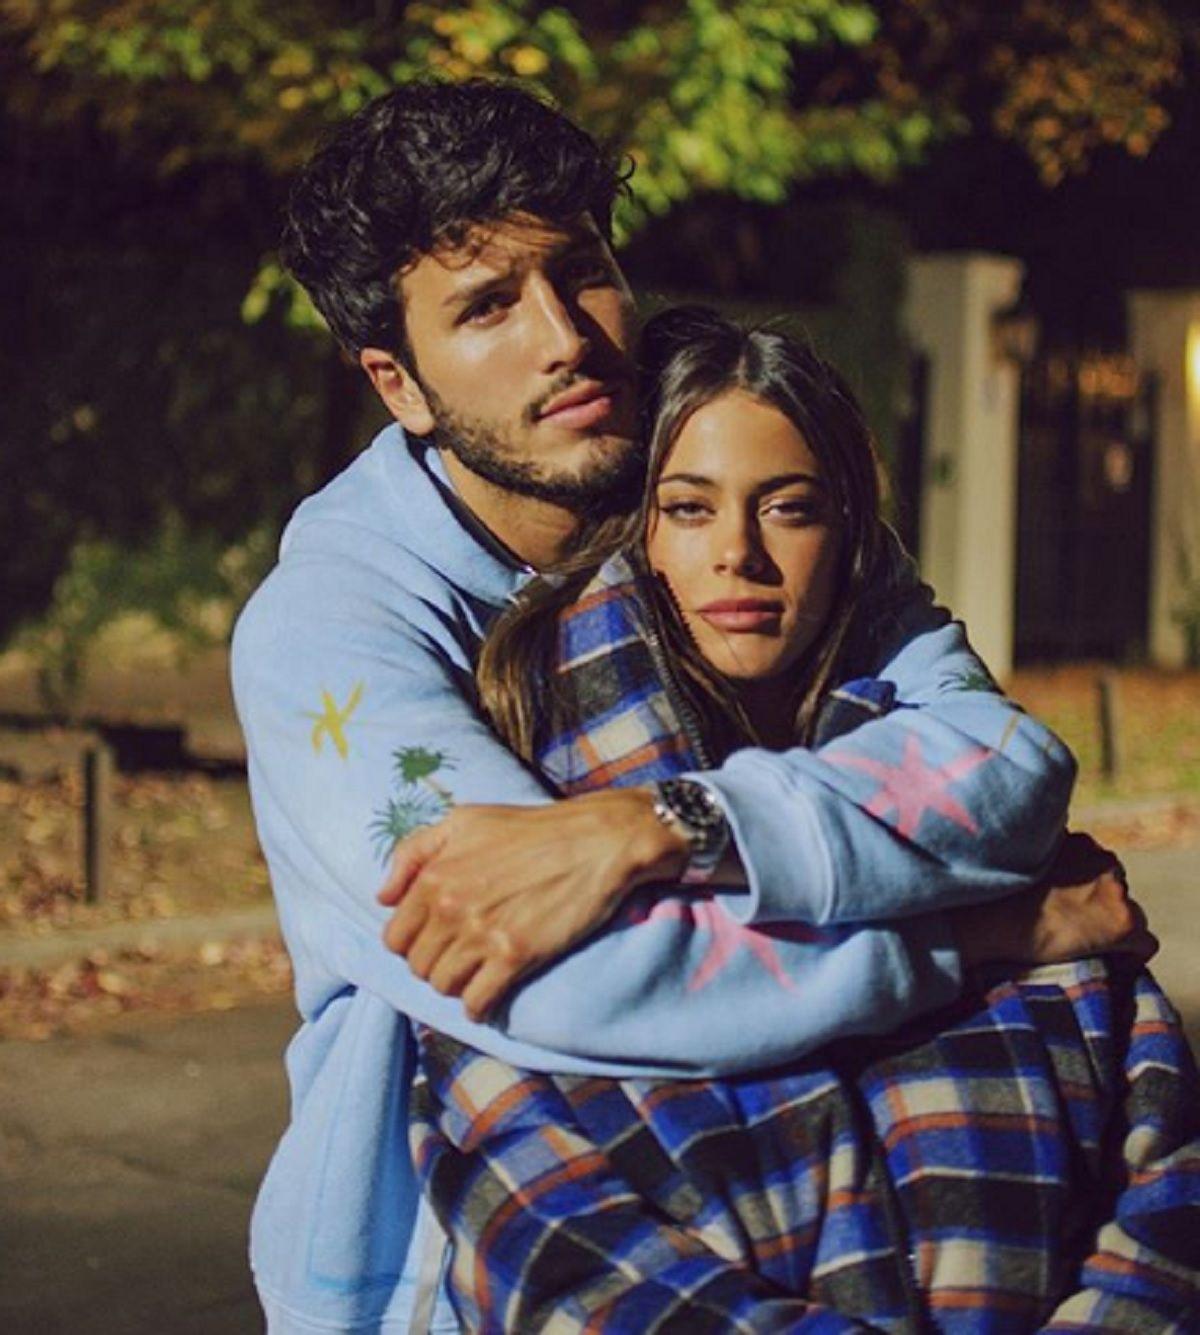 Romance confirmado: el video de Tini Stoessel junto a Sebastán Yatra